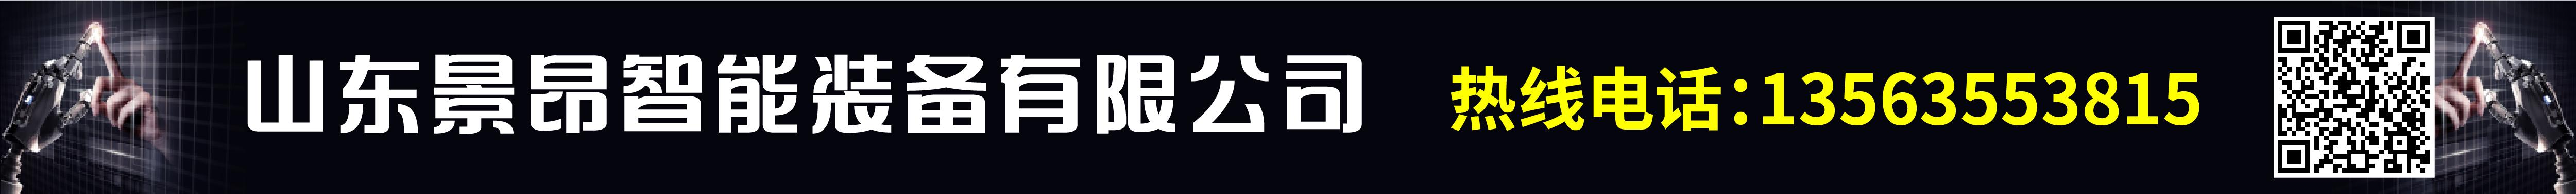 山東庫卡景昂智能裝備有限公司